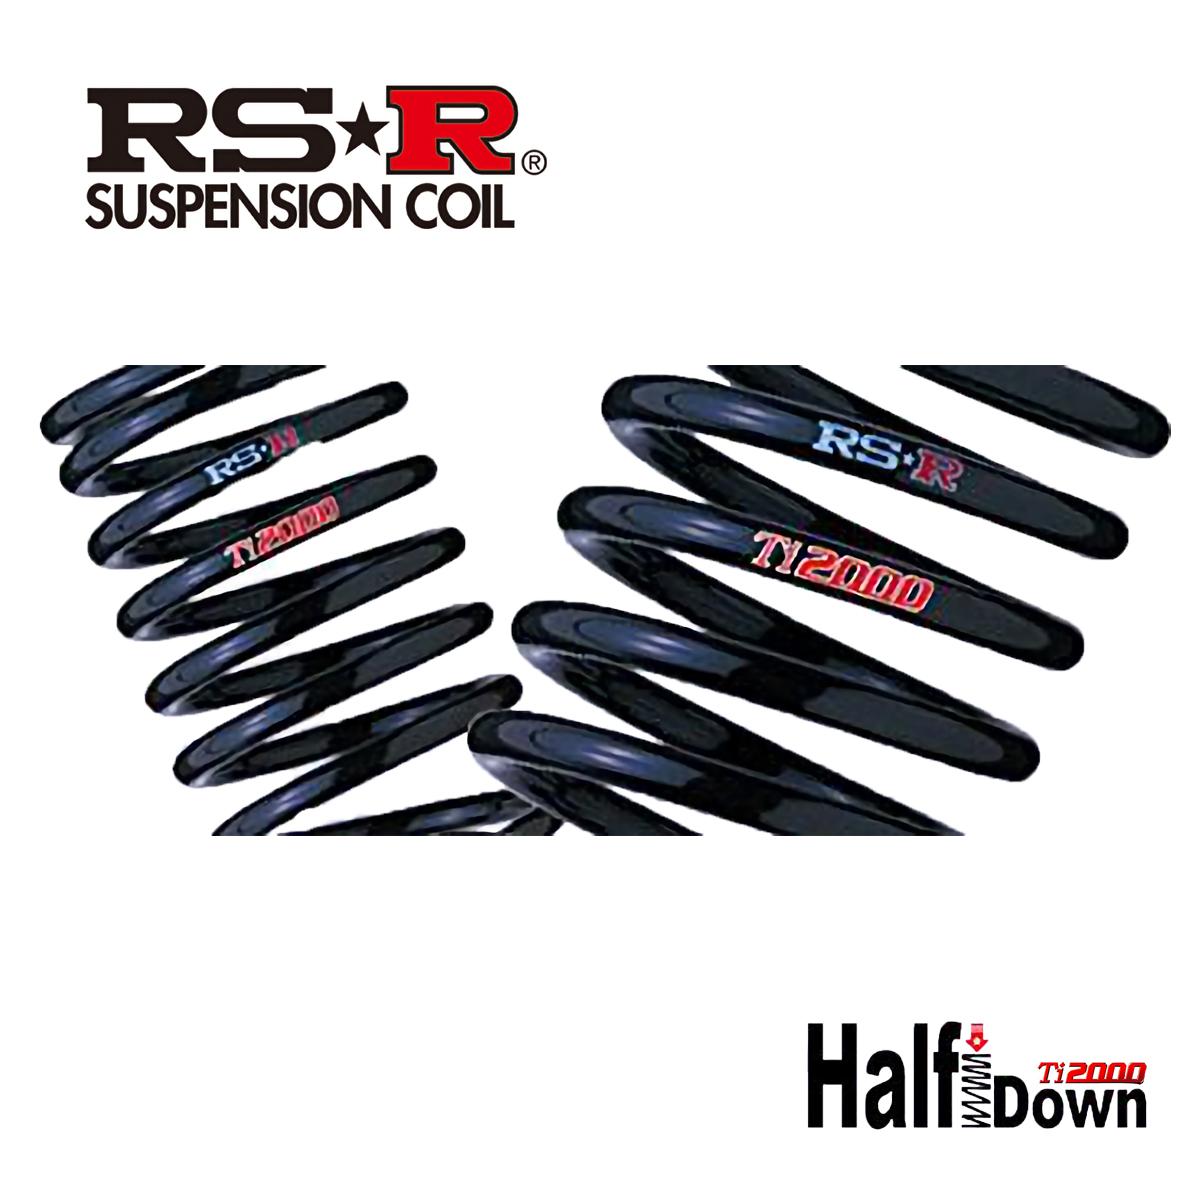 RS-R ワゴンRスティングレー ハイブリッドT MH55S ダウンサス スプリング フロント S174THDF Ti2000 ハーフダウン RSR 個人宅発送追金有